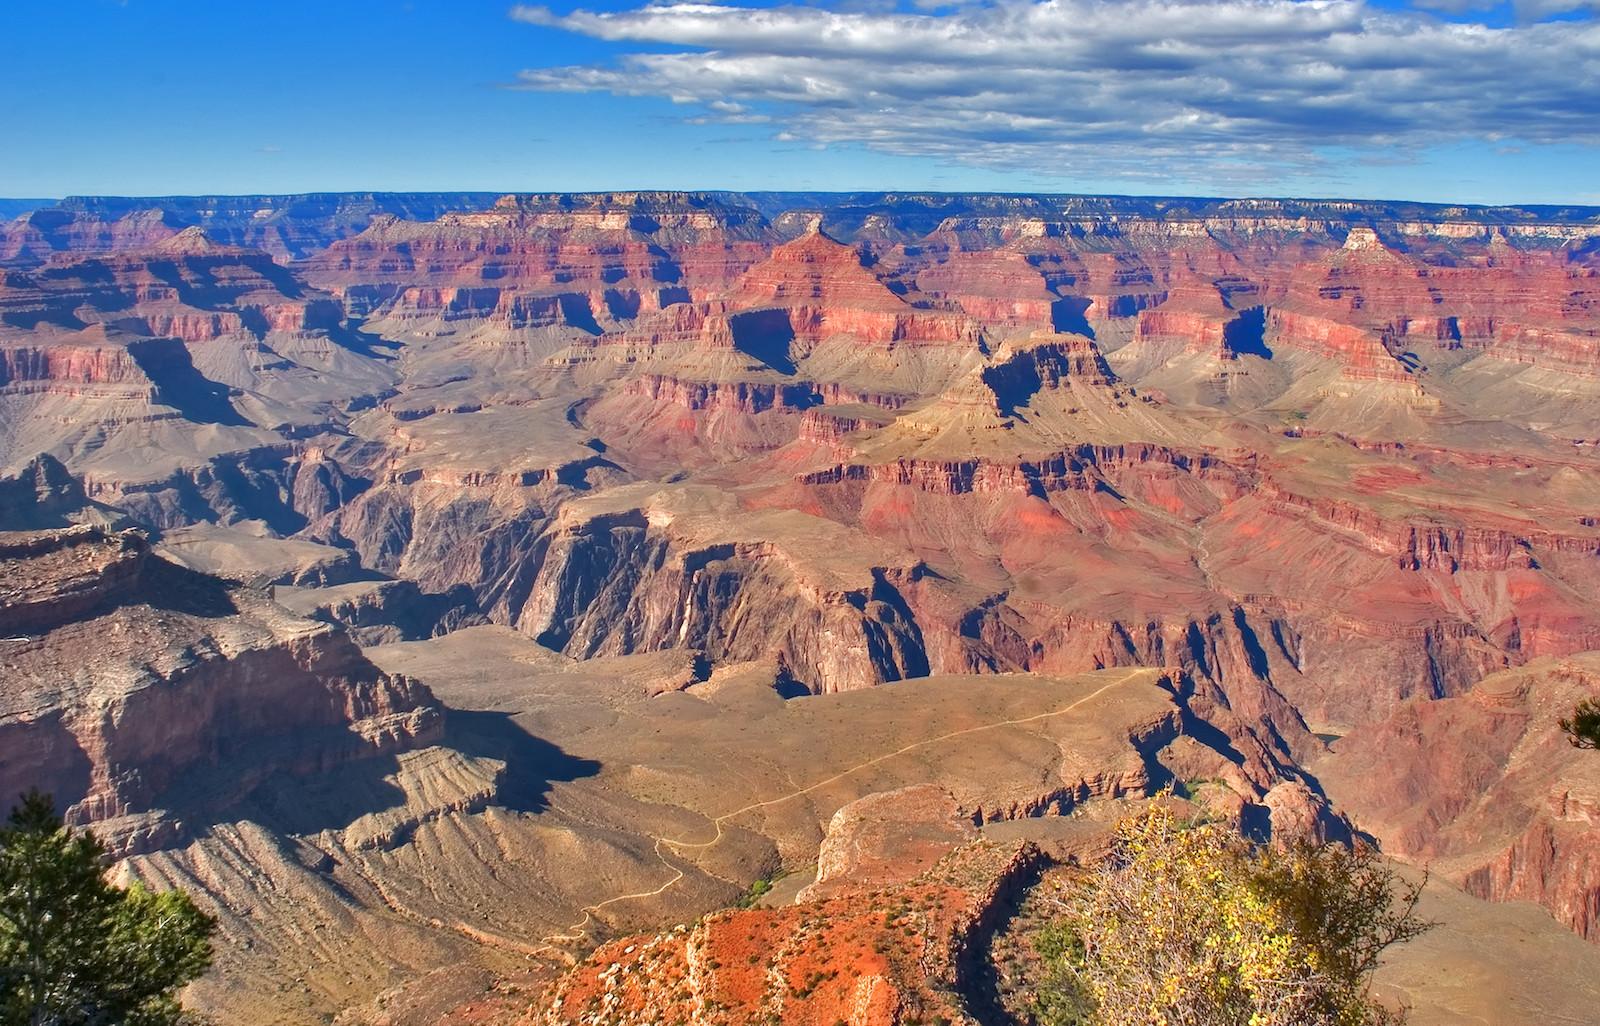 Du lịch Mỹ thì không nên bỏ lỡ kỳ quan thiên nhiên Grand Canyon - ảnh 3